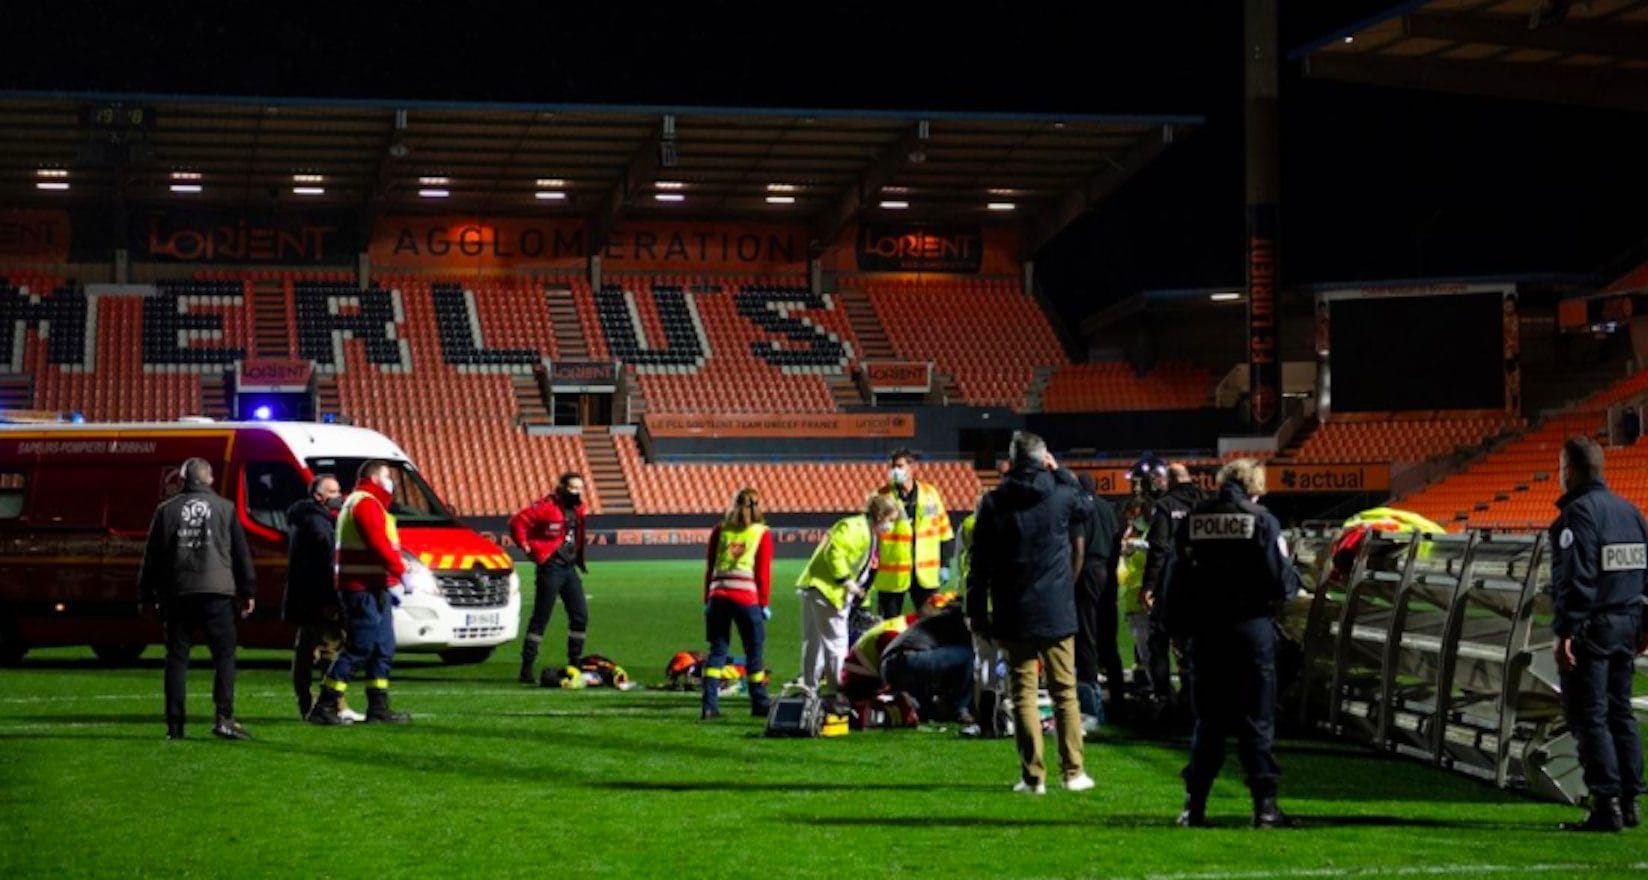 Si staccano i riflettori allo stadio: muore giardiniere a Lorient